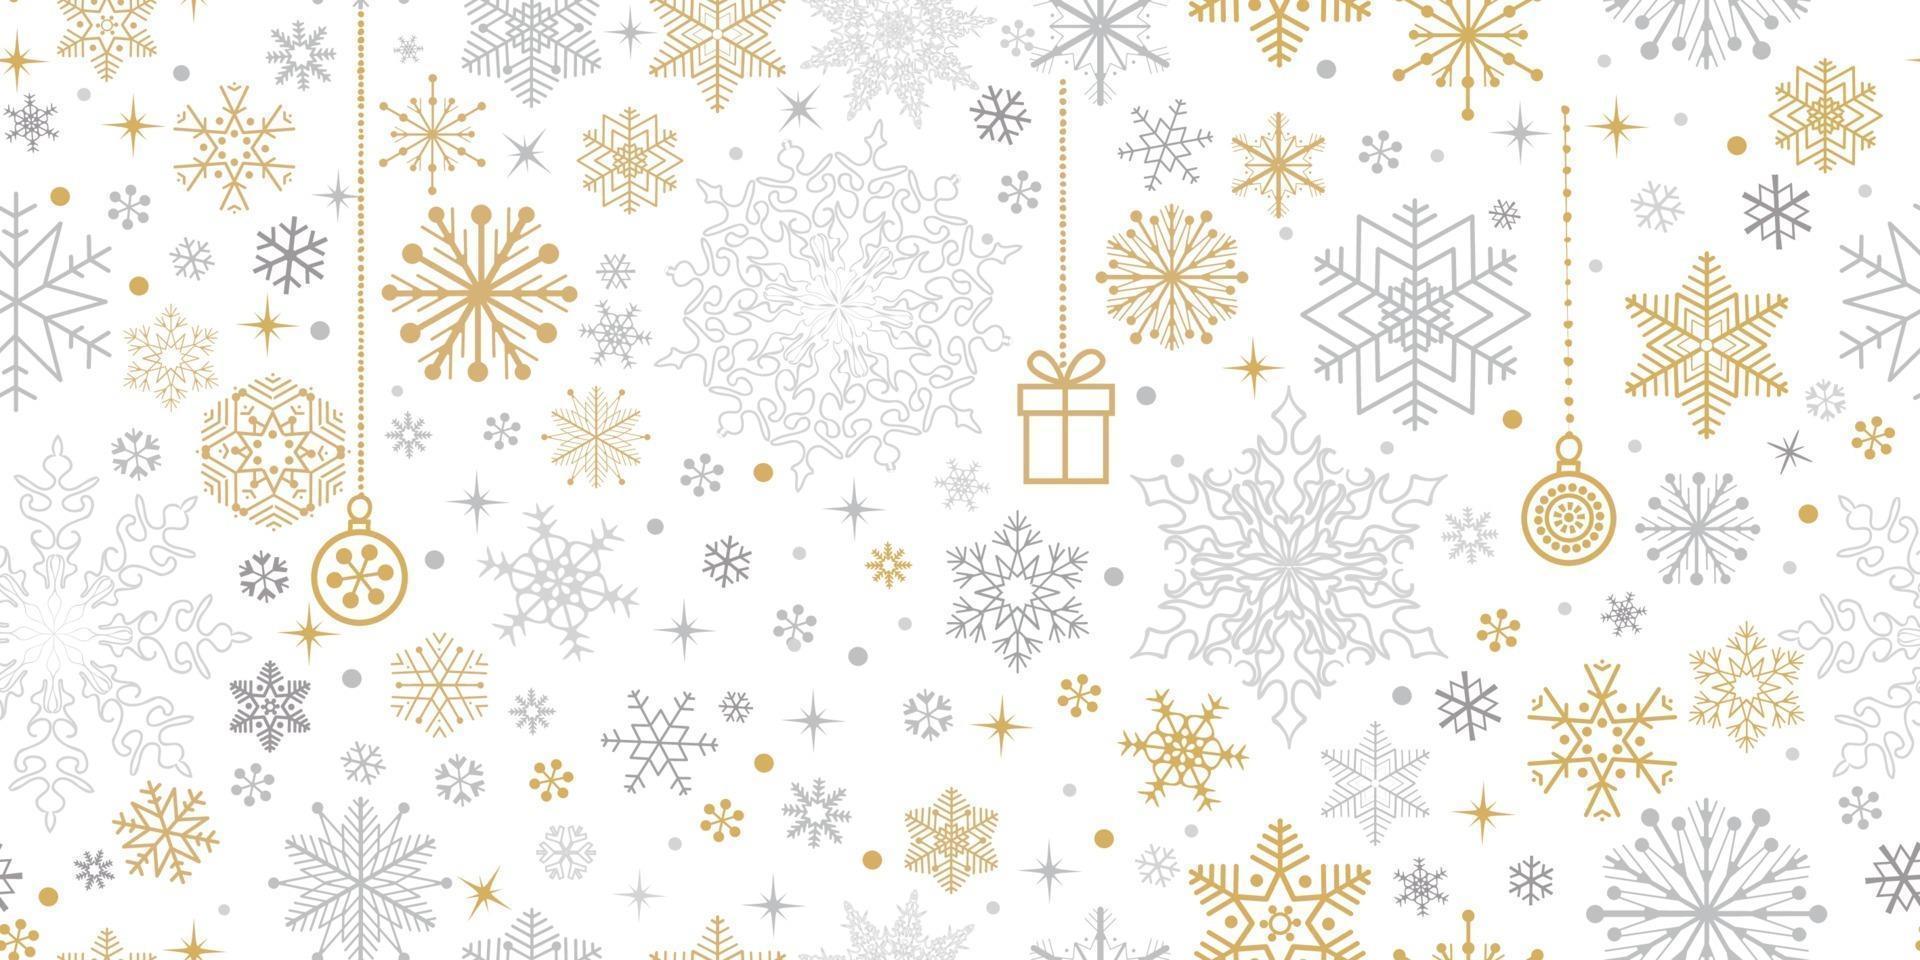 nahtloses Weihnachtsmuster. Feiertagsikonen und Spitzenkristallhintergrund vektor